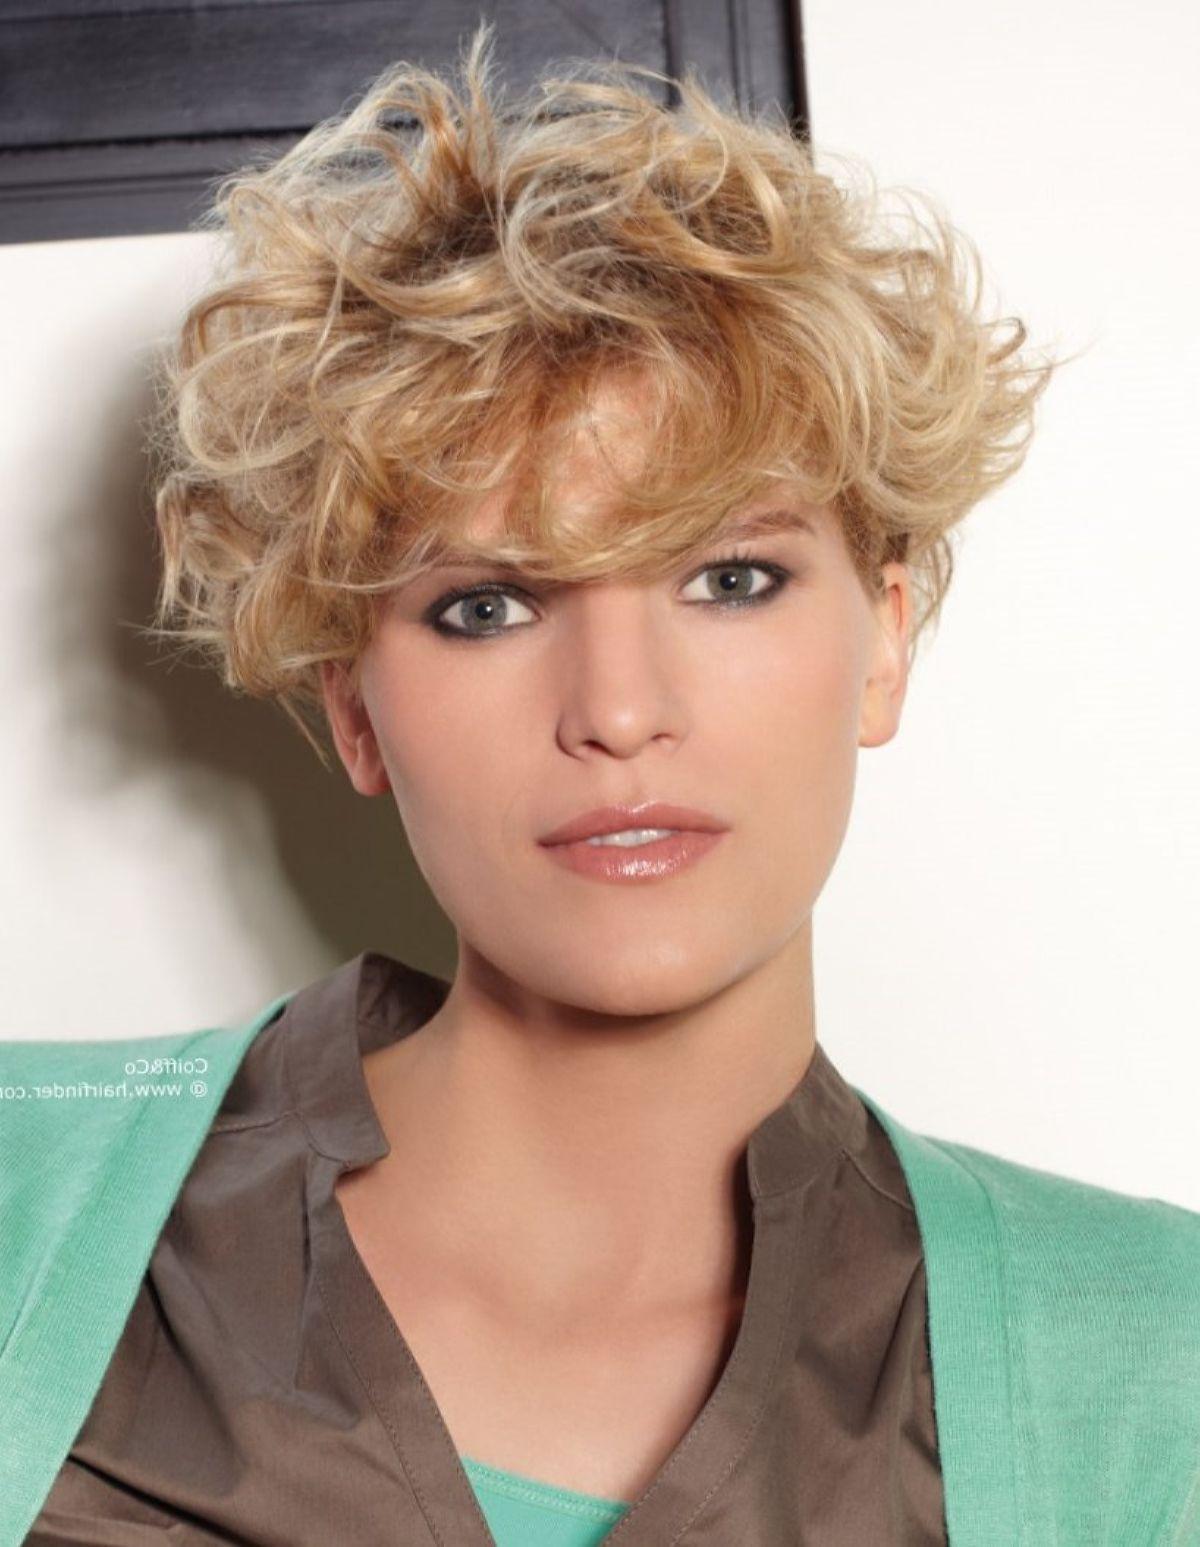 Haarschnitt Für Naturlocken  Frisuren Naturlocken Kurz